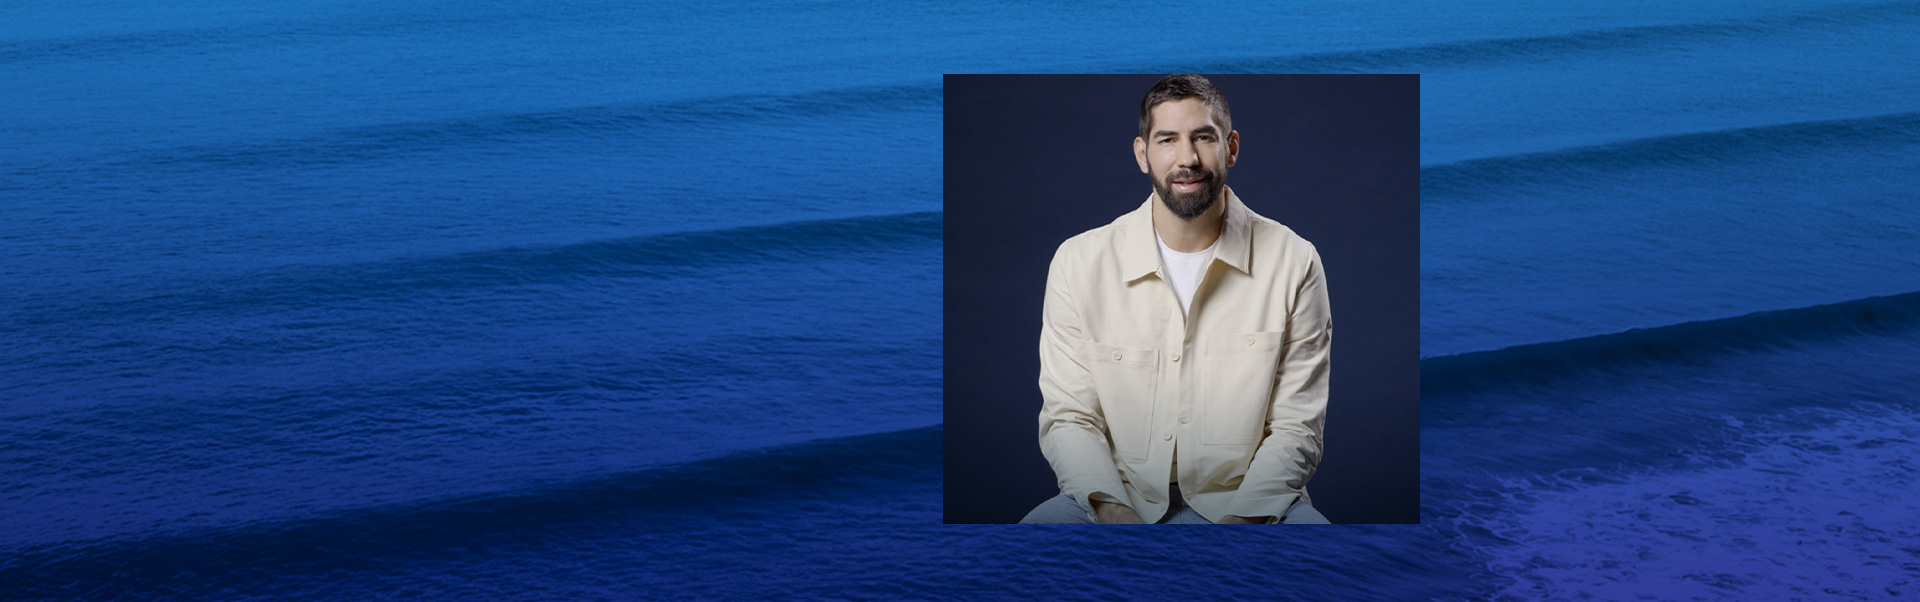 Dim et Nikola Karabatic s'engagent pour la protection des océans avec surfrider Foundation Europe.